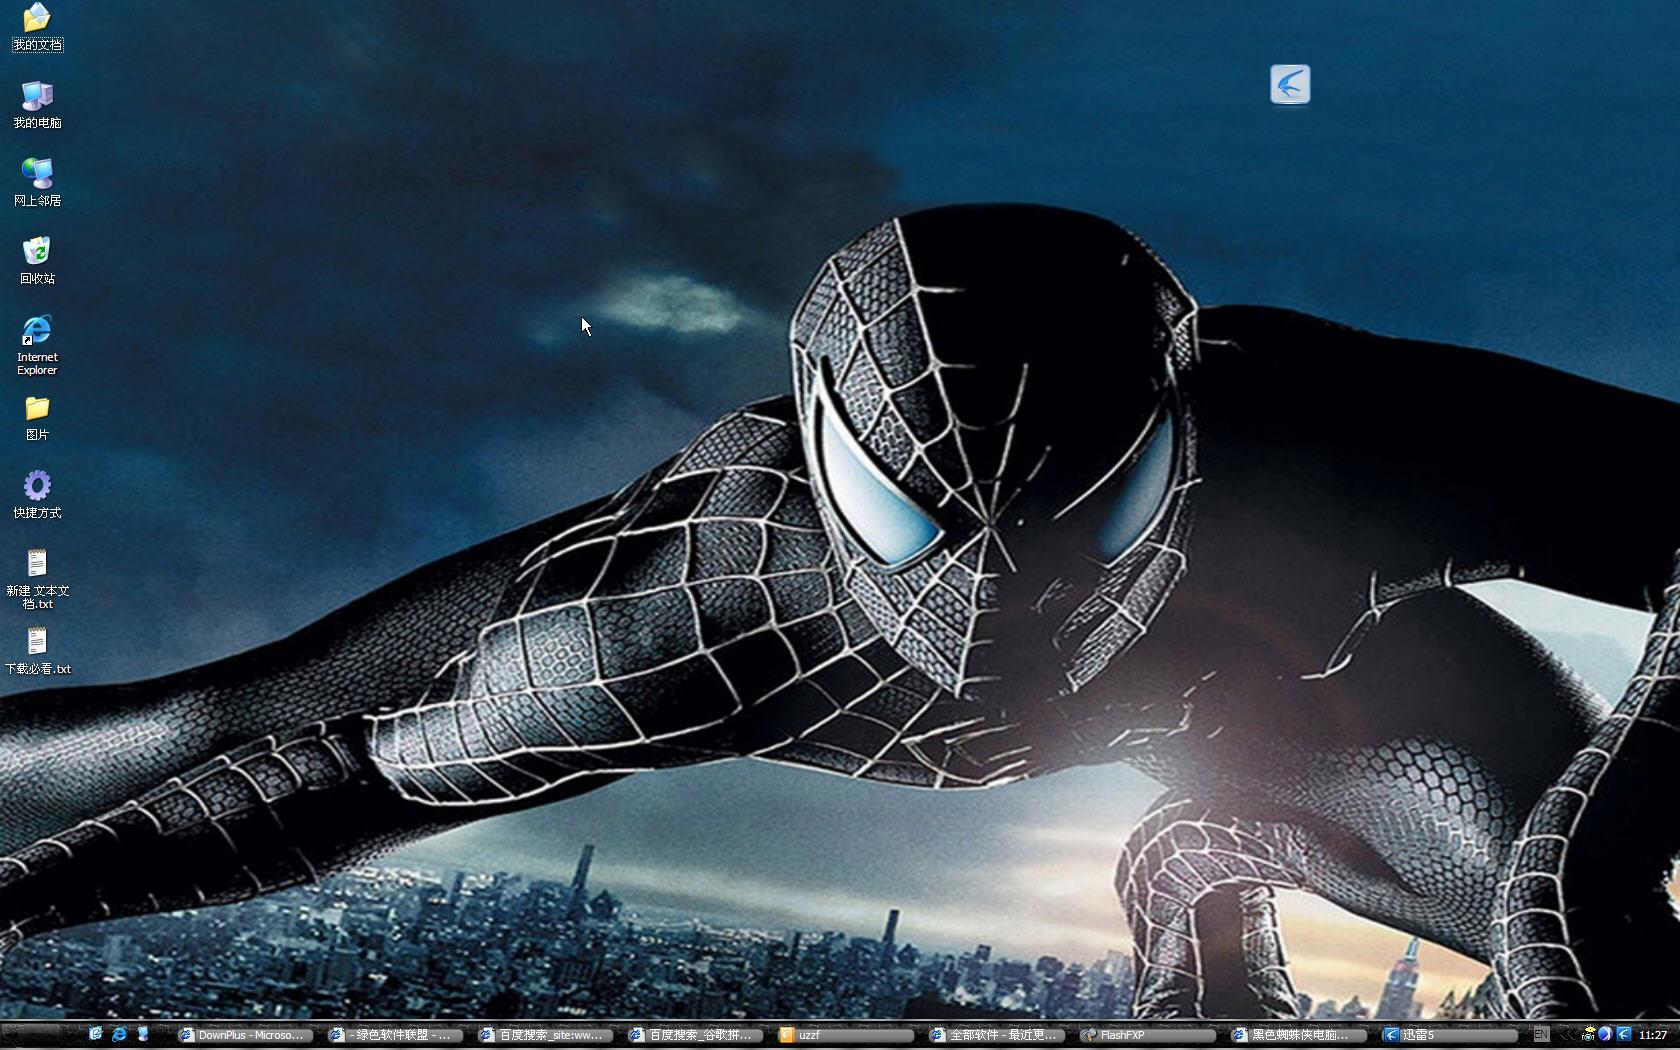 黑色蜘蛛侠电脑桌面主题